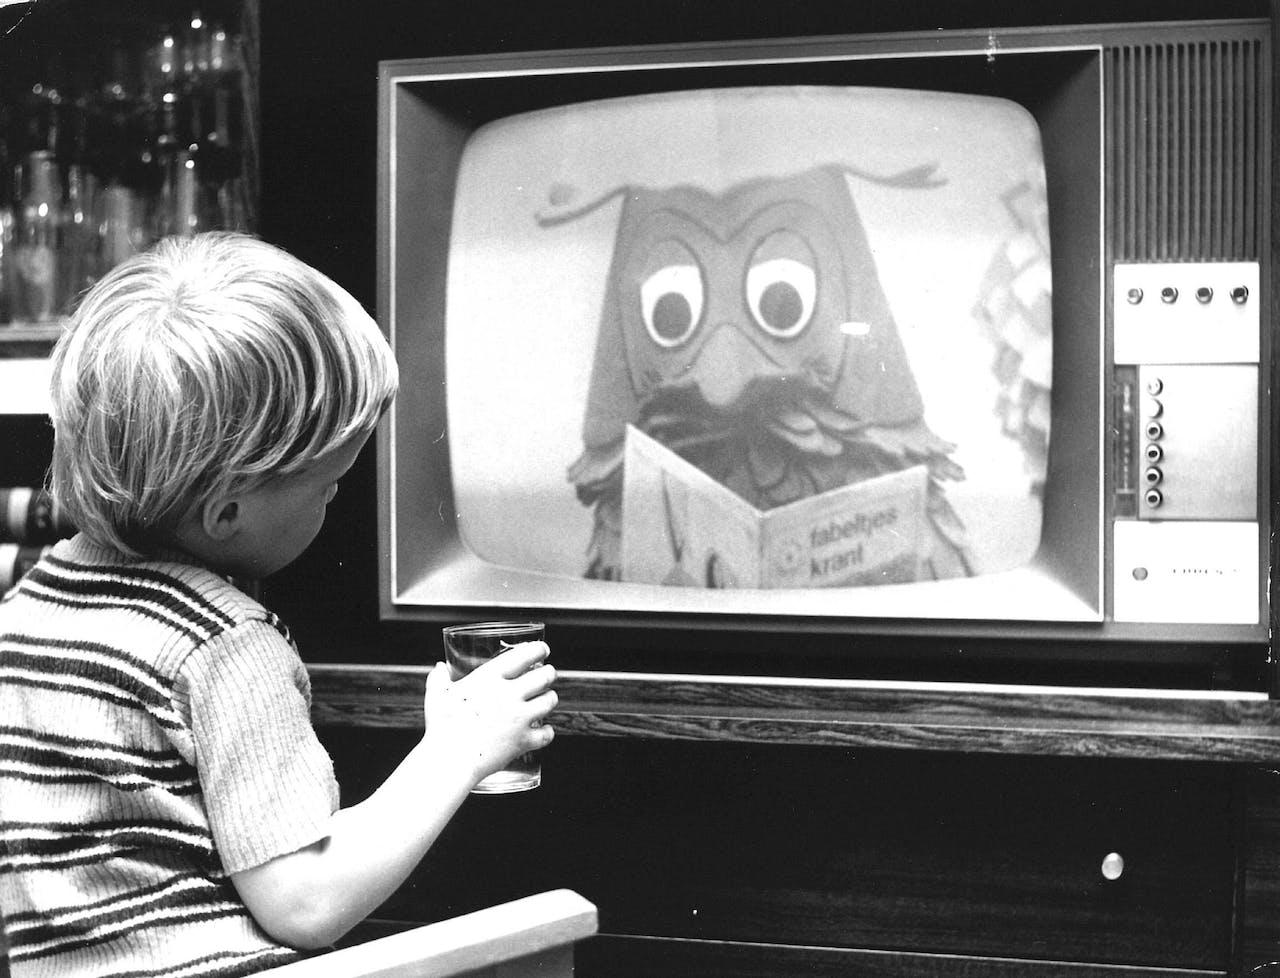 Kijkbuiskind kijkt naar Meneer de Uil uit de Fabeltjeskrant. Beeld uit 1974.